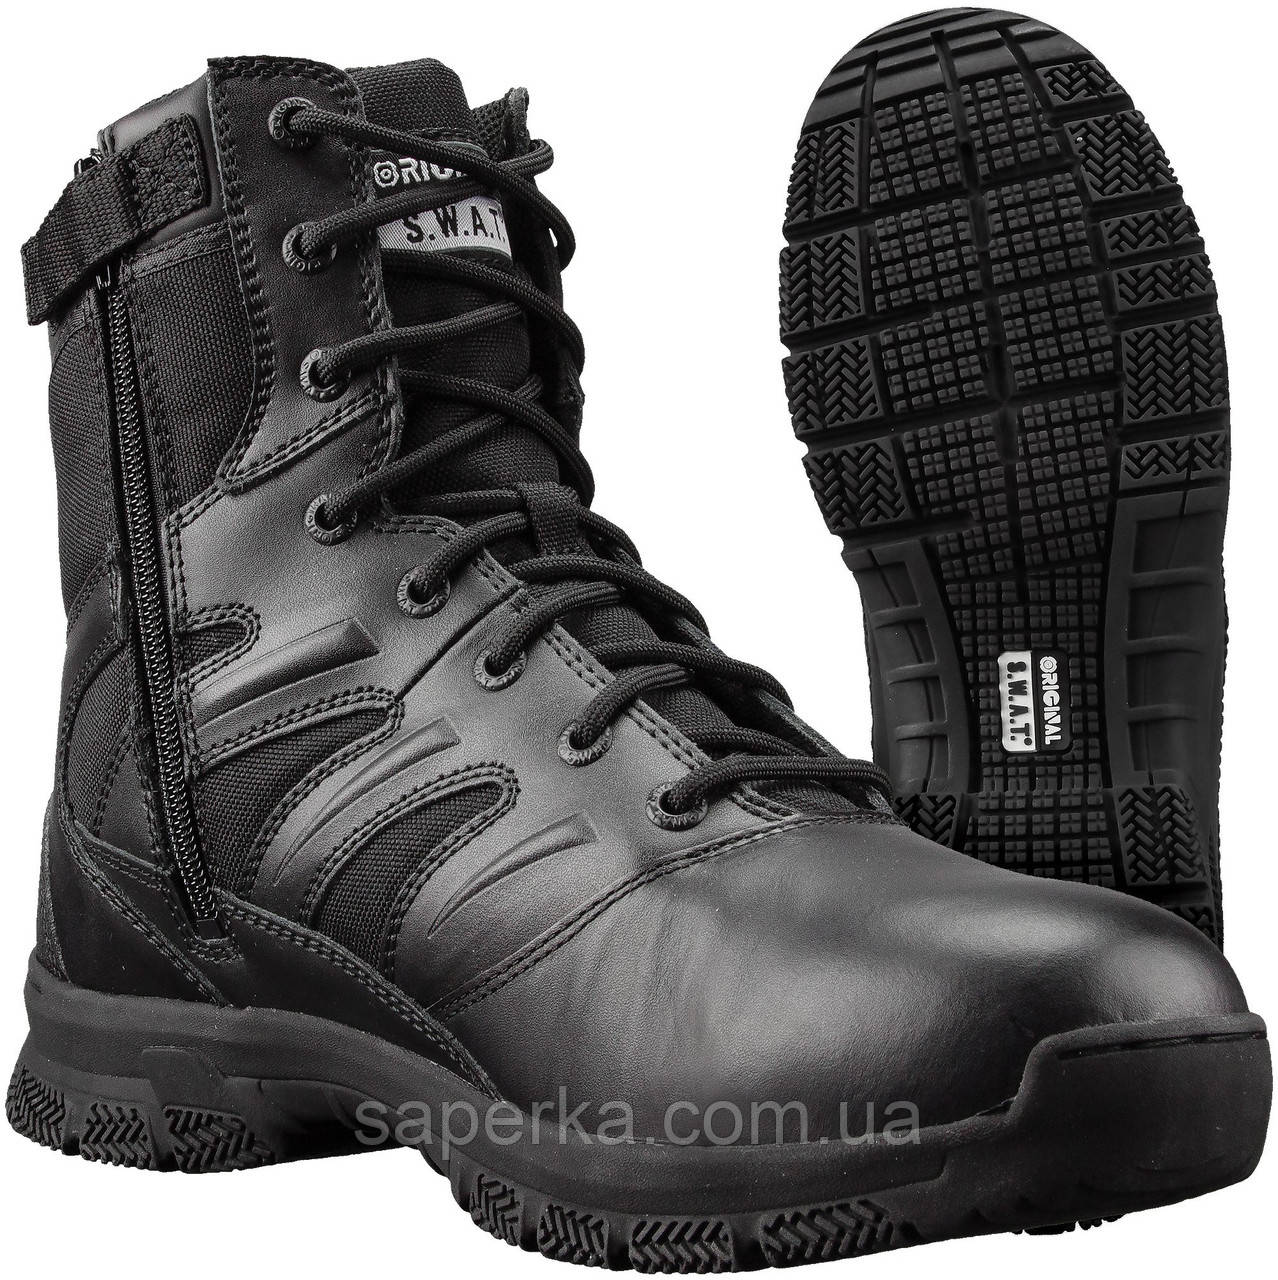 Ботинки мужские тактические SWAT Force 8 Side Zip Men's, black